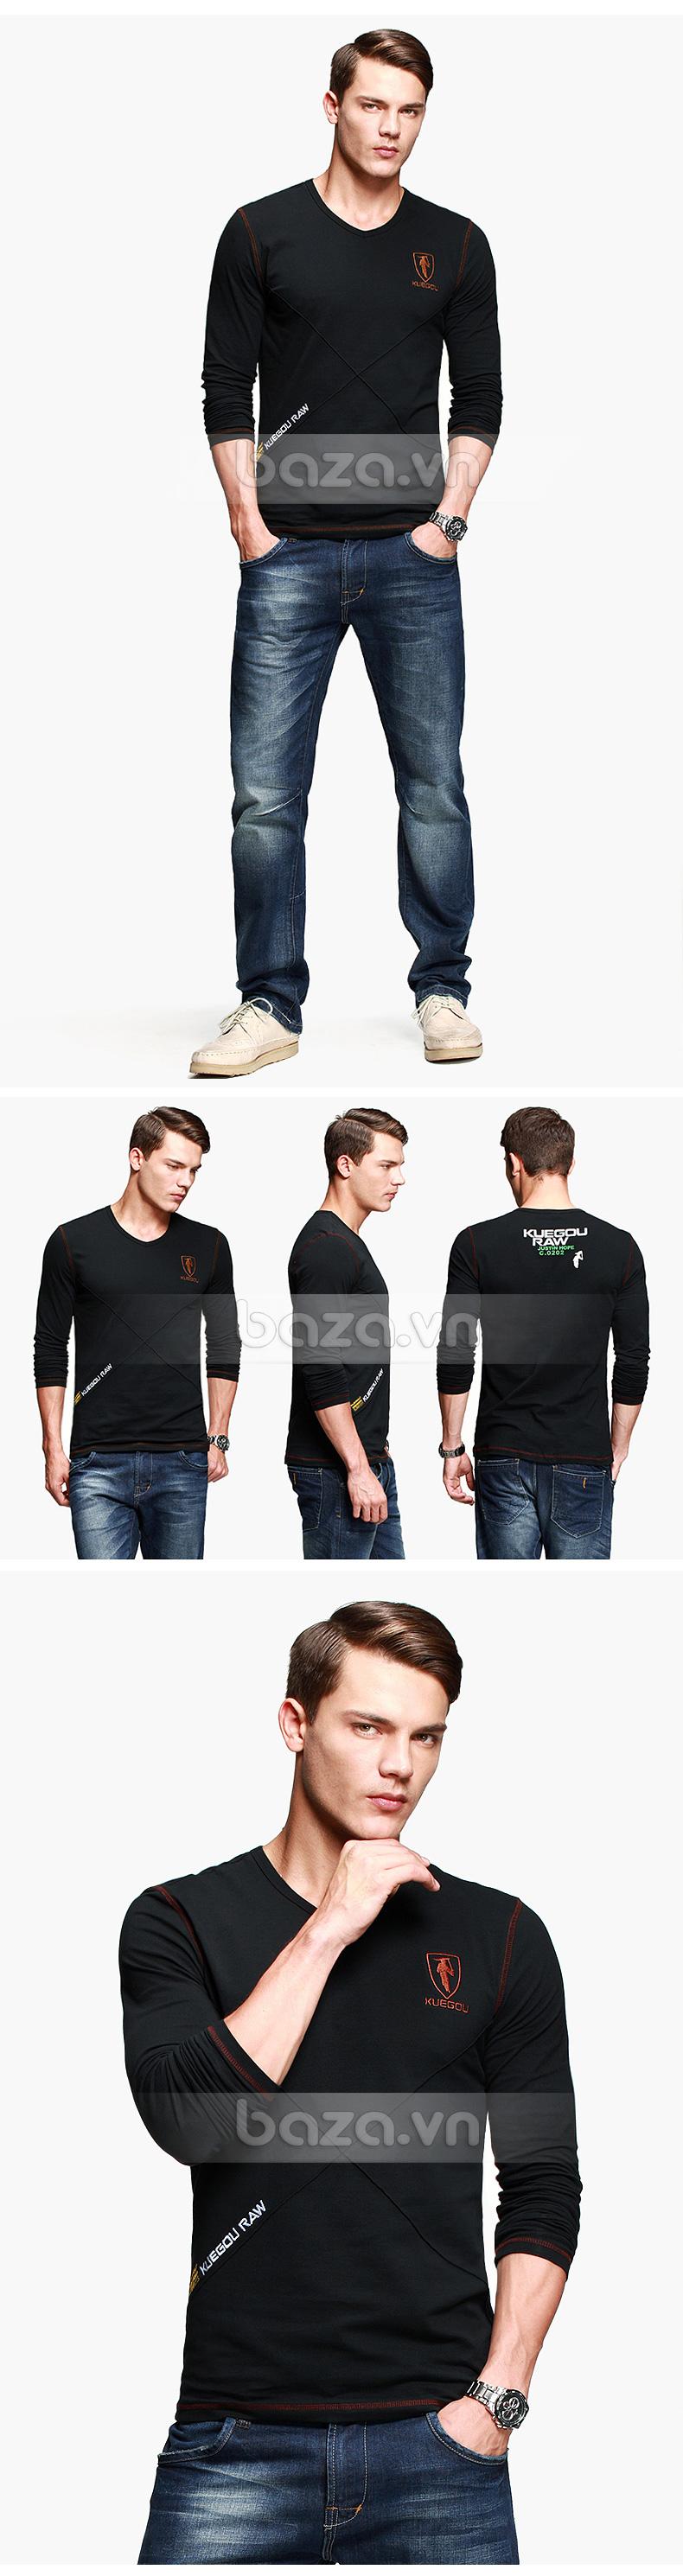 Baza.vn:  Áo thu đông nam K-Jeans KT-8812  cho chàng thêm nam tính